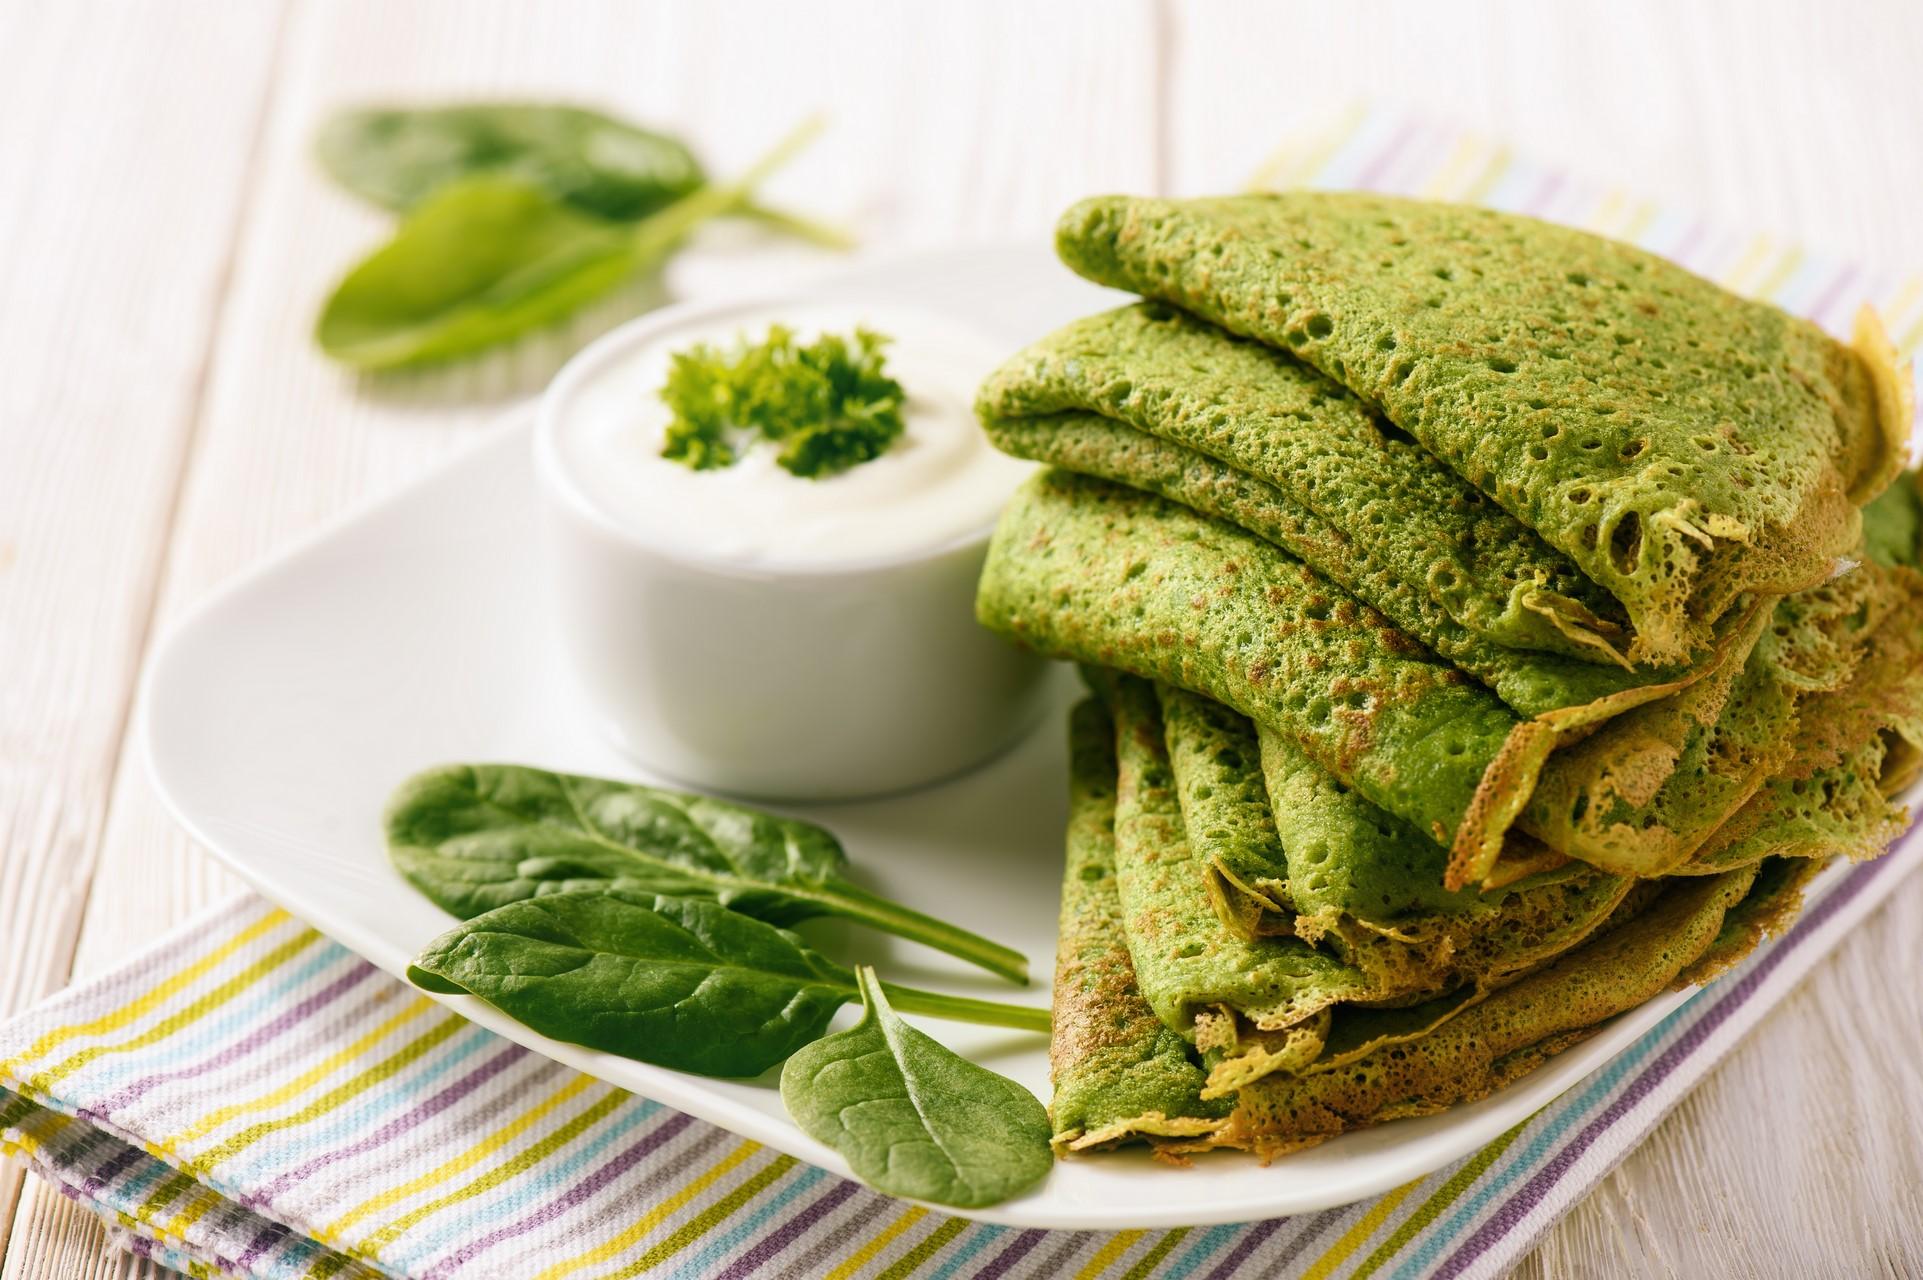 zielone naleśniki z szynką (Kopiowanie)